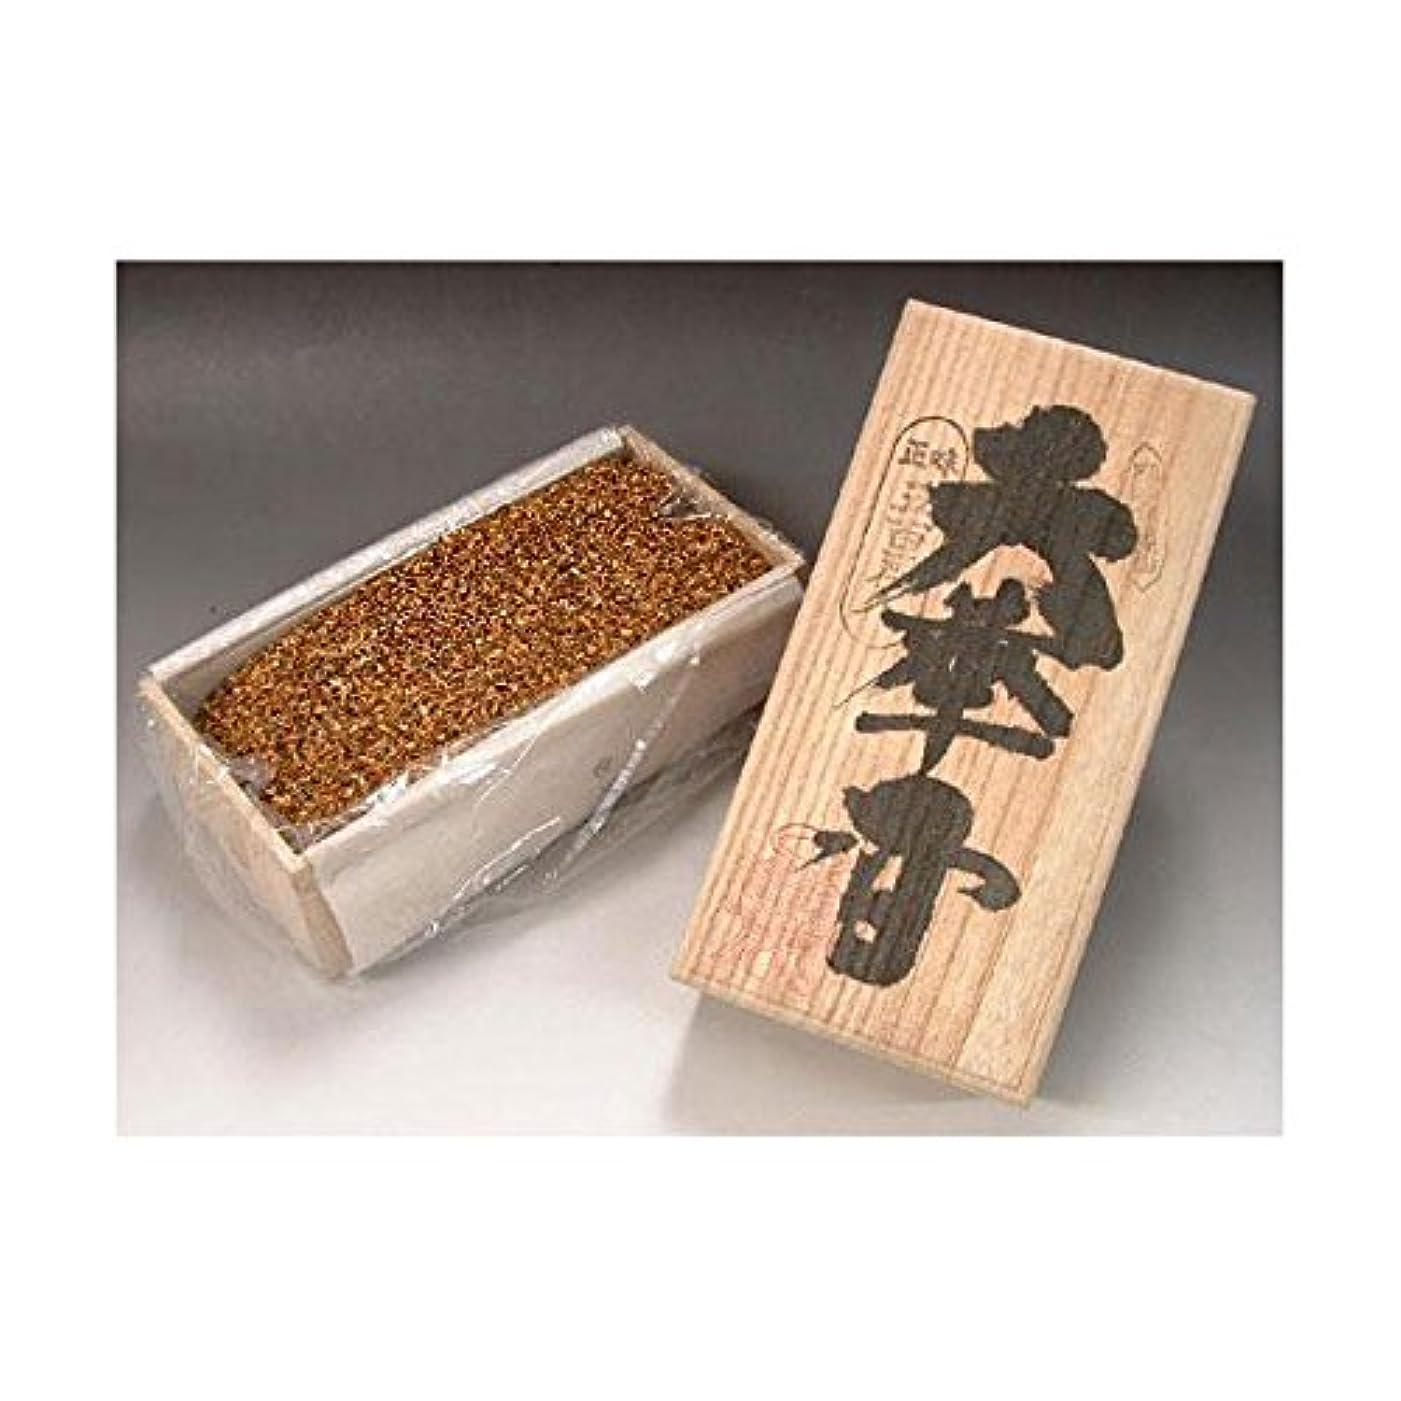 料理おもしろい漂流焼香 天華香(テンカコウ)500g桐箱入